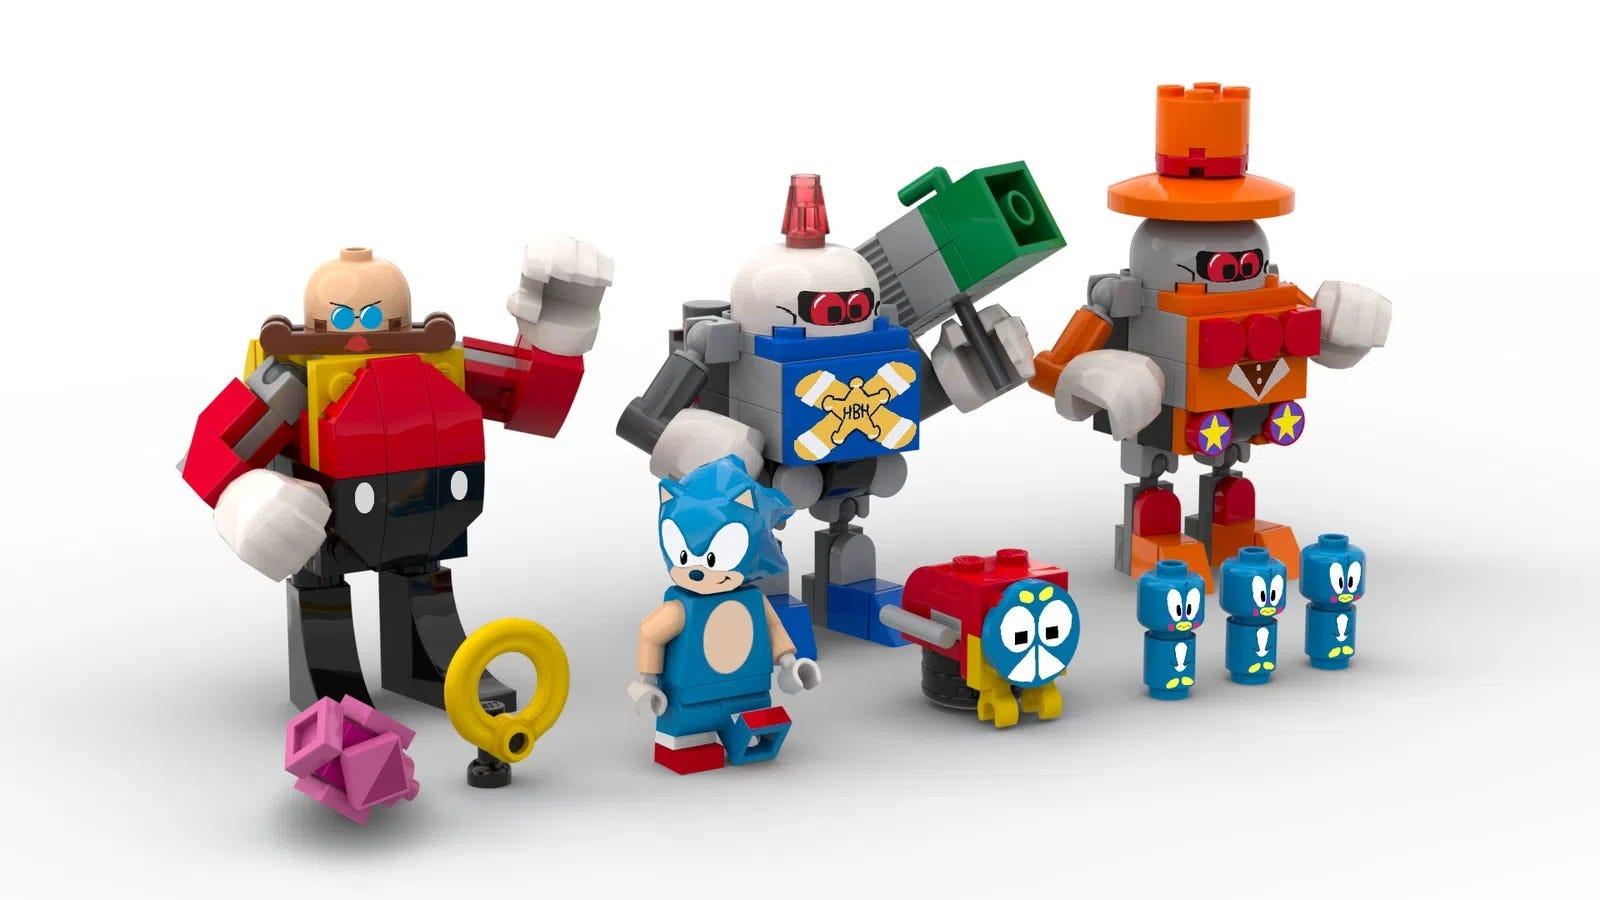 Sonic lego set, characters